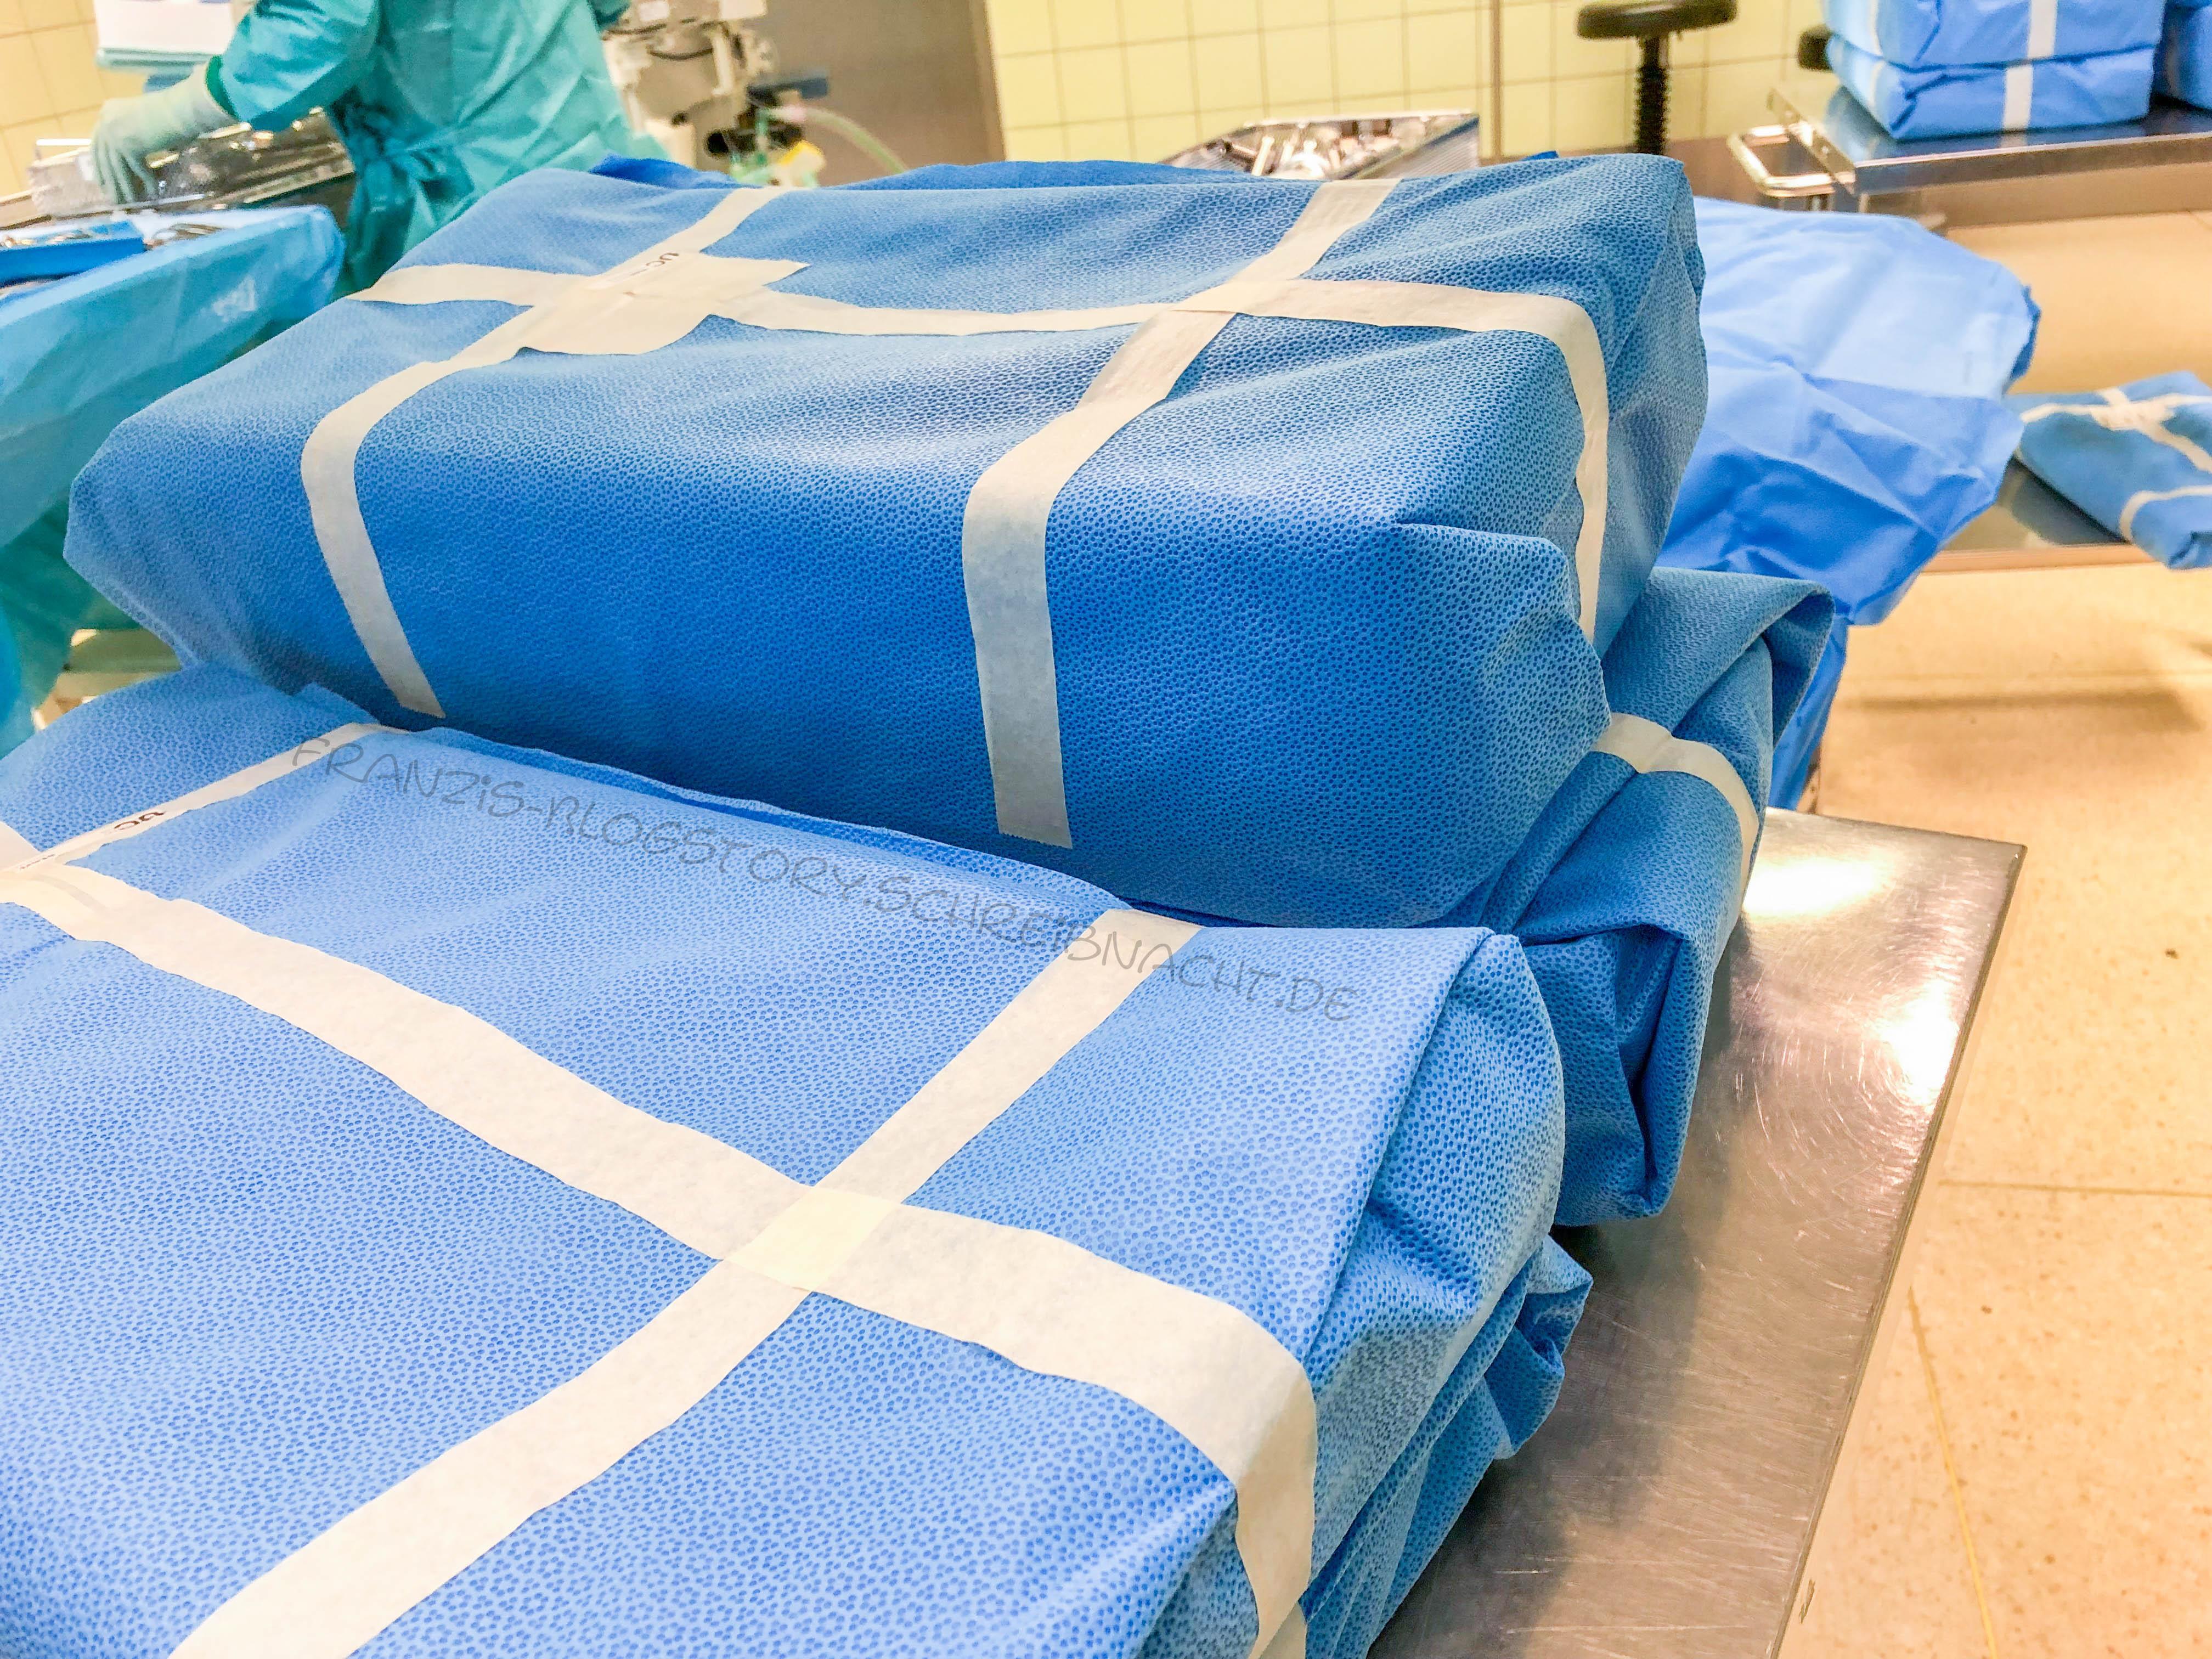 Sterile Instrumentensiebe in Weichverpackungen. Mit genügend Abstand werden diese vom Springer geöffnet und im Anschluss vom Instrumenteur entgegen genommen. Die Verpackung muss auf Perforationsstellen kontrolliert werden. franzis-Blogstory.schreibnacht.de